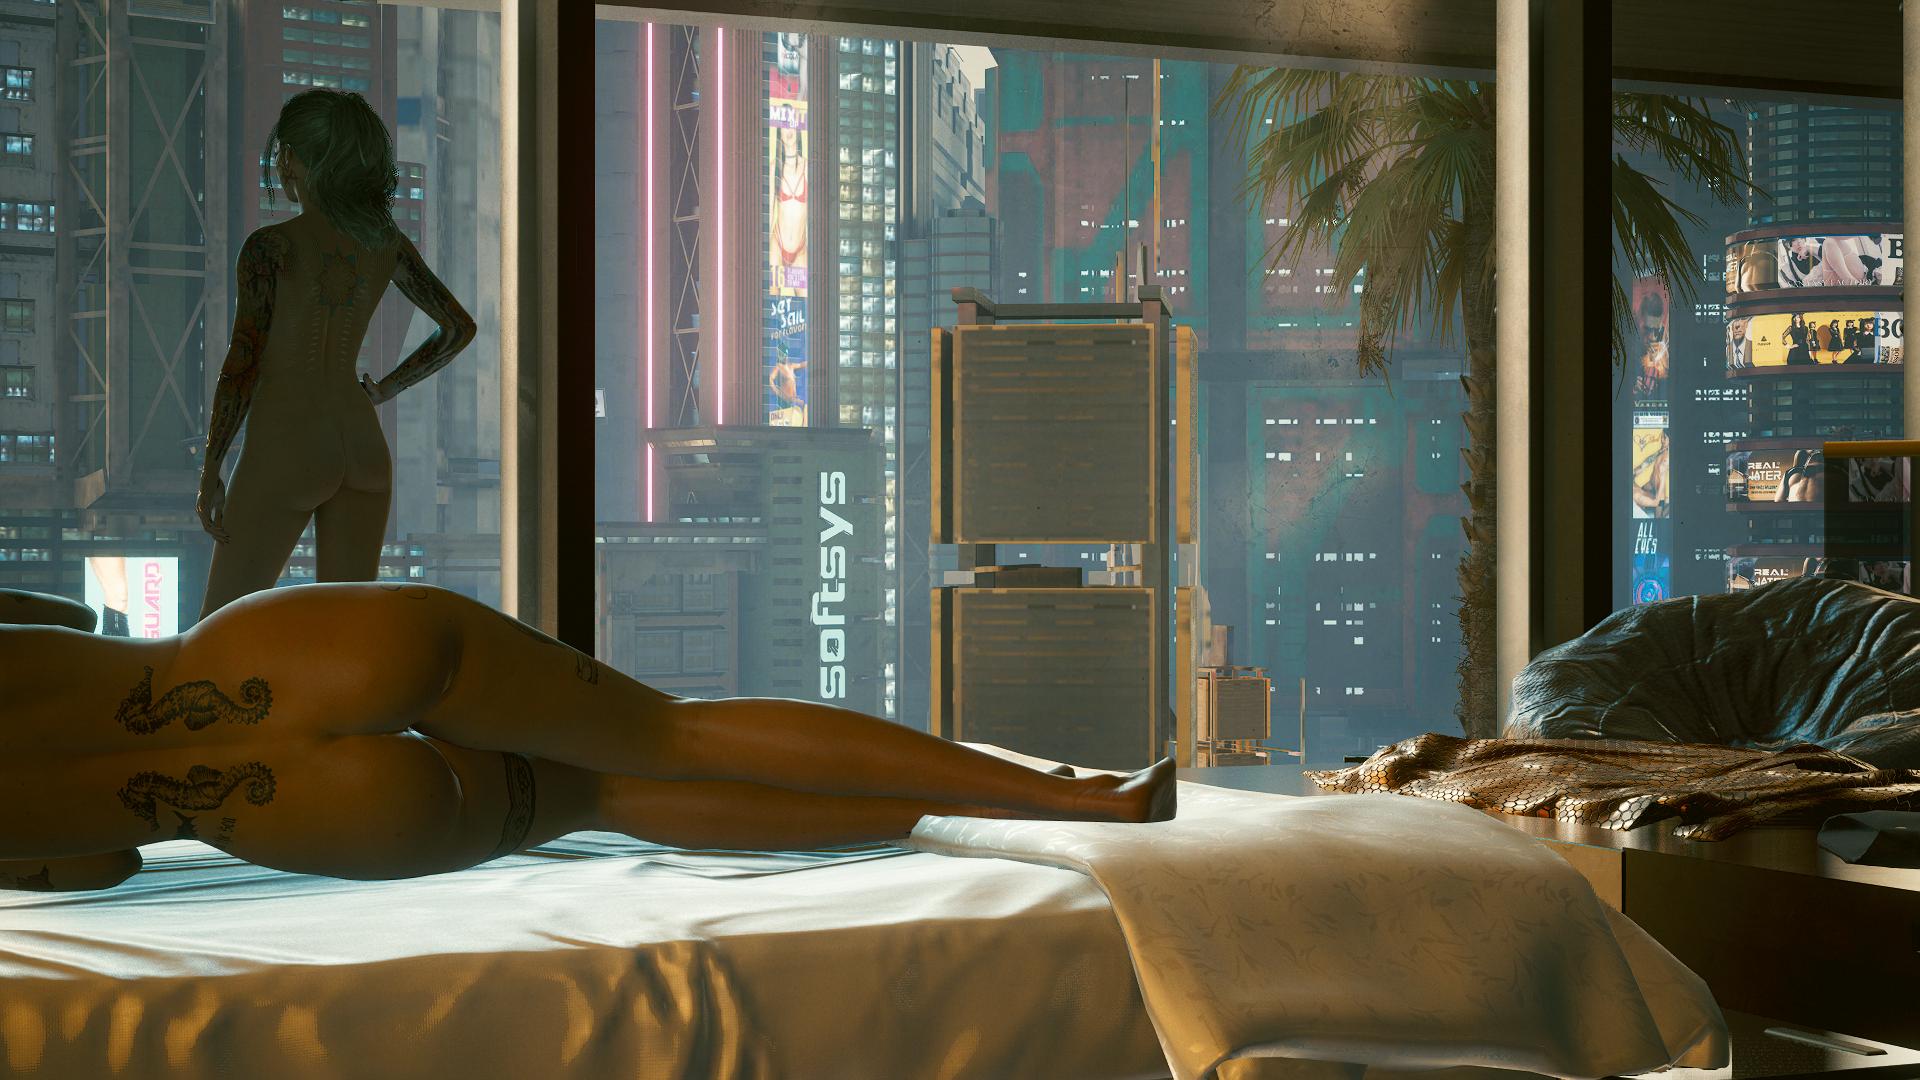 Пока Джуди спит Ви смотрит на просыпающийся город.